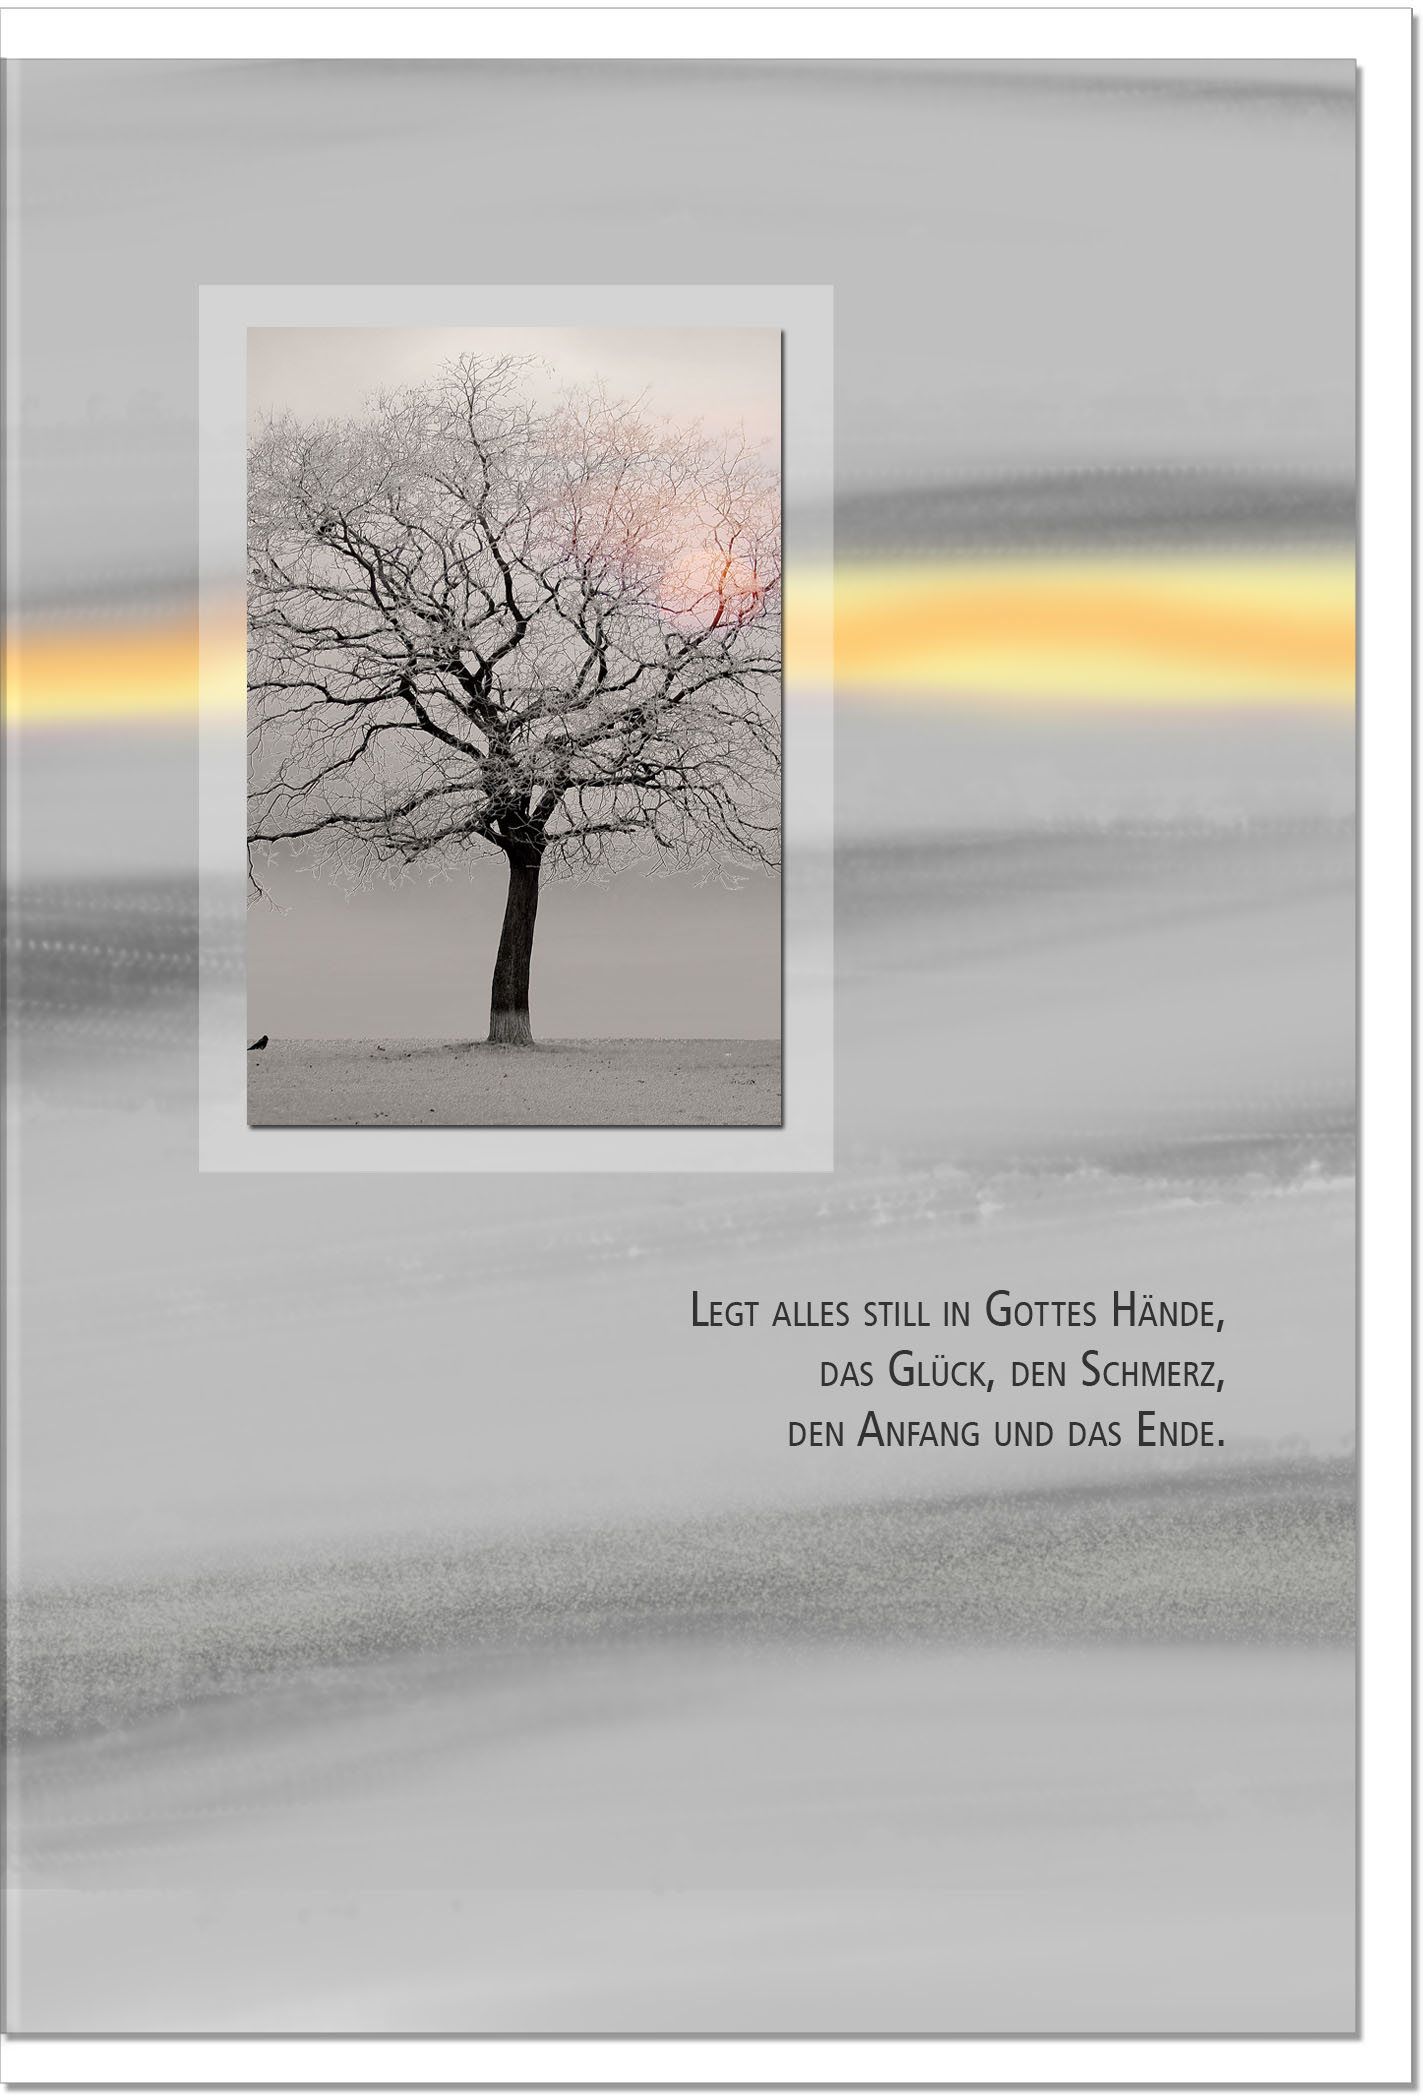 Trauerkarte IN GOTTES HAND | Baum im Sonnenuntergang | metALUm #00090